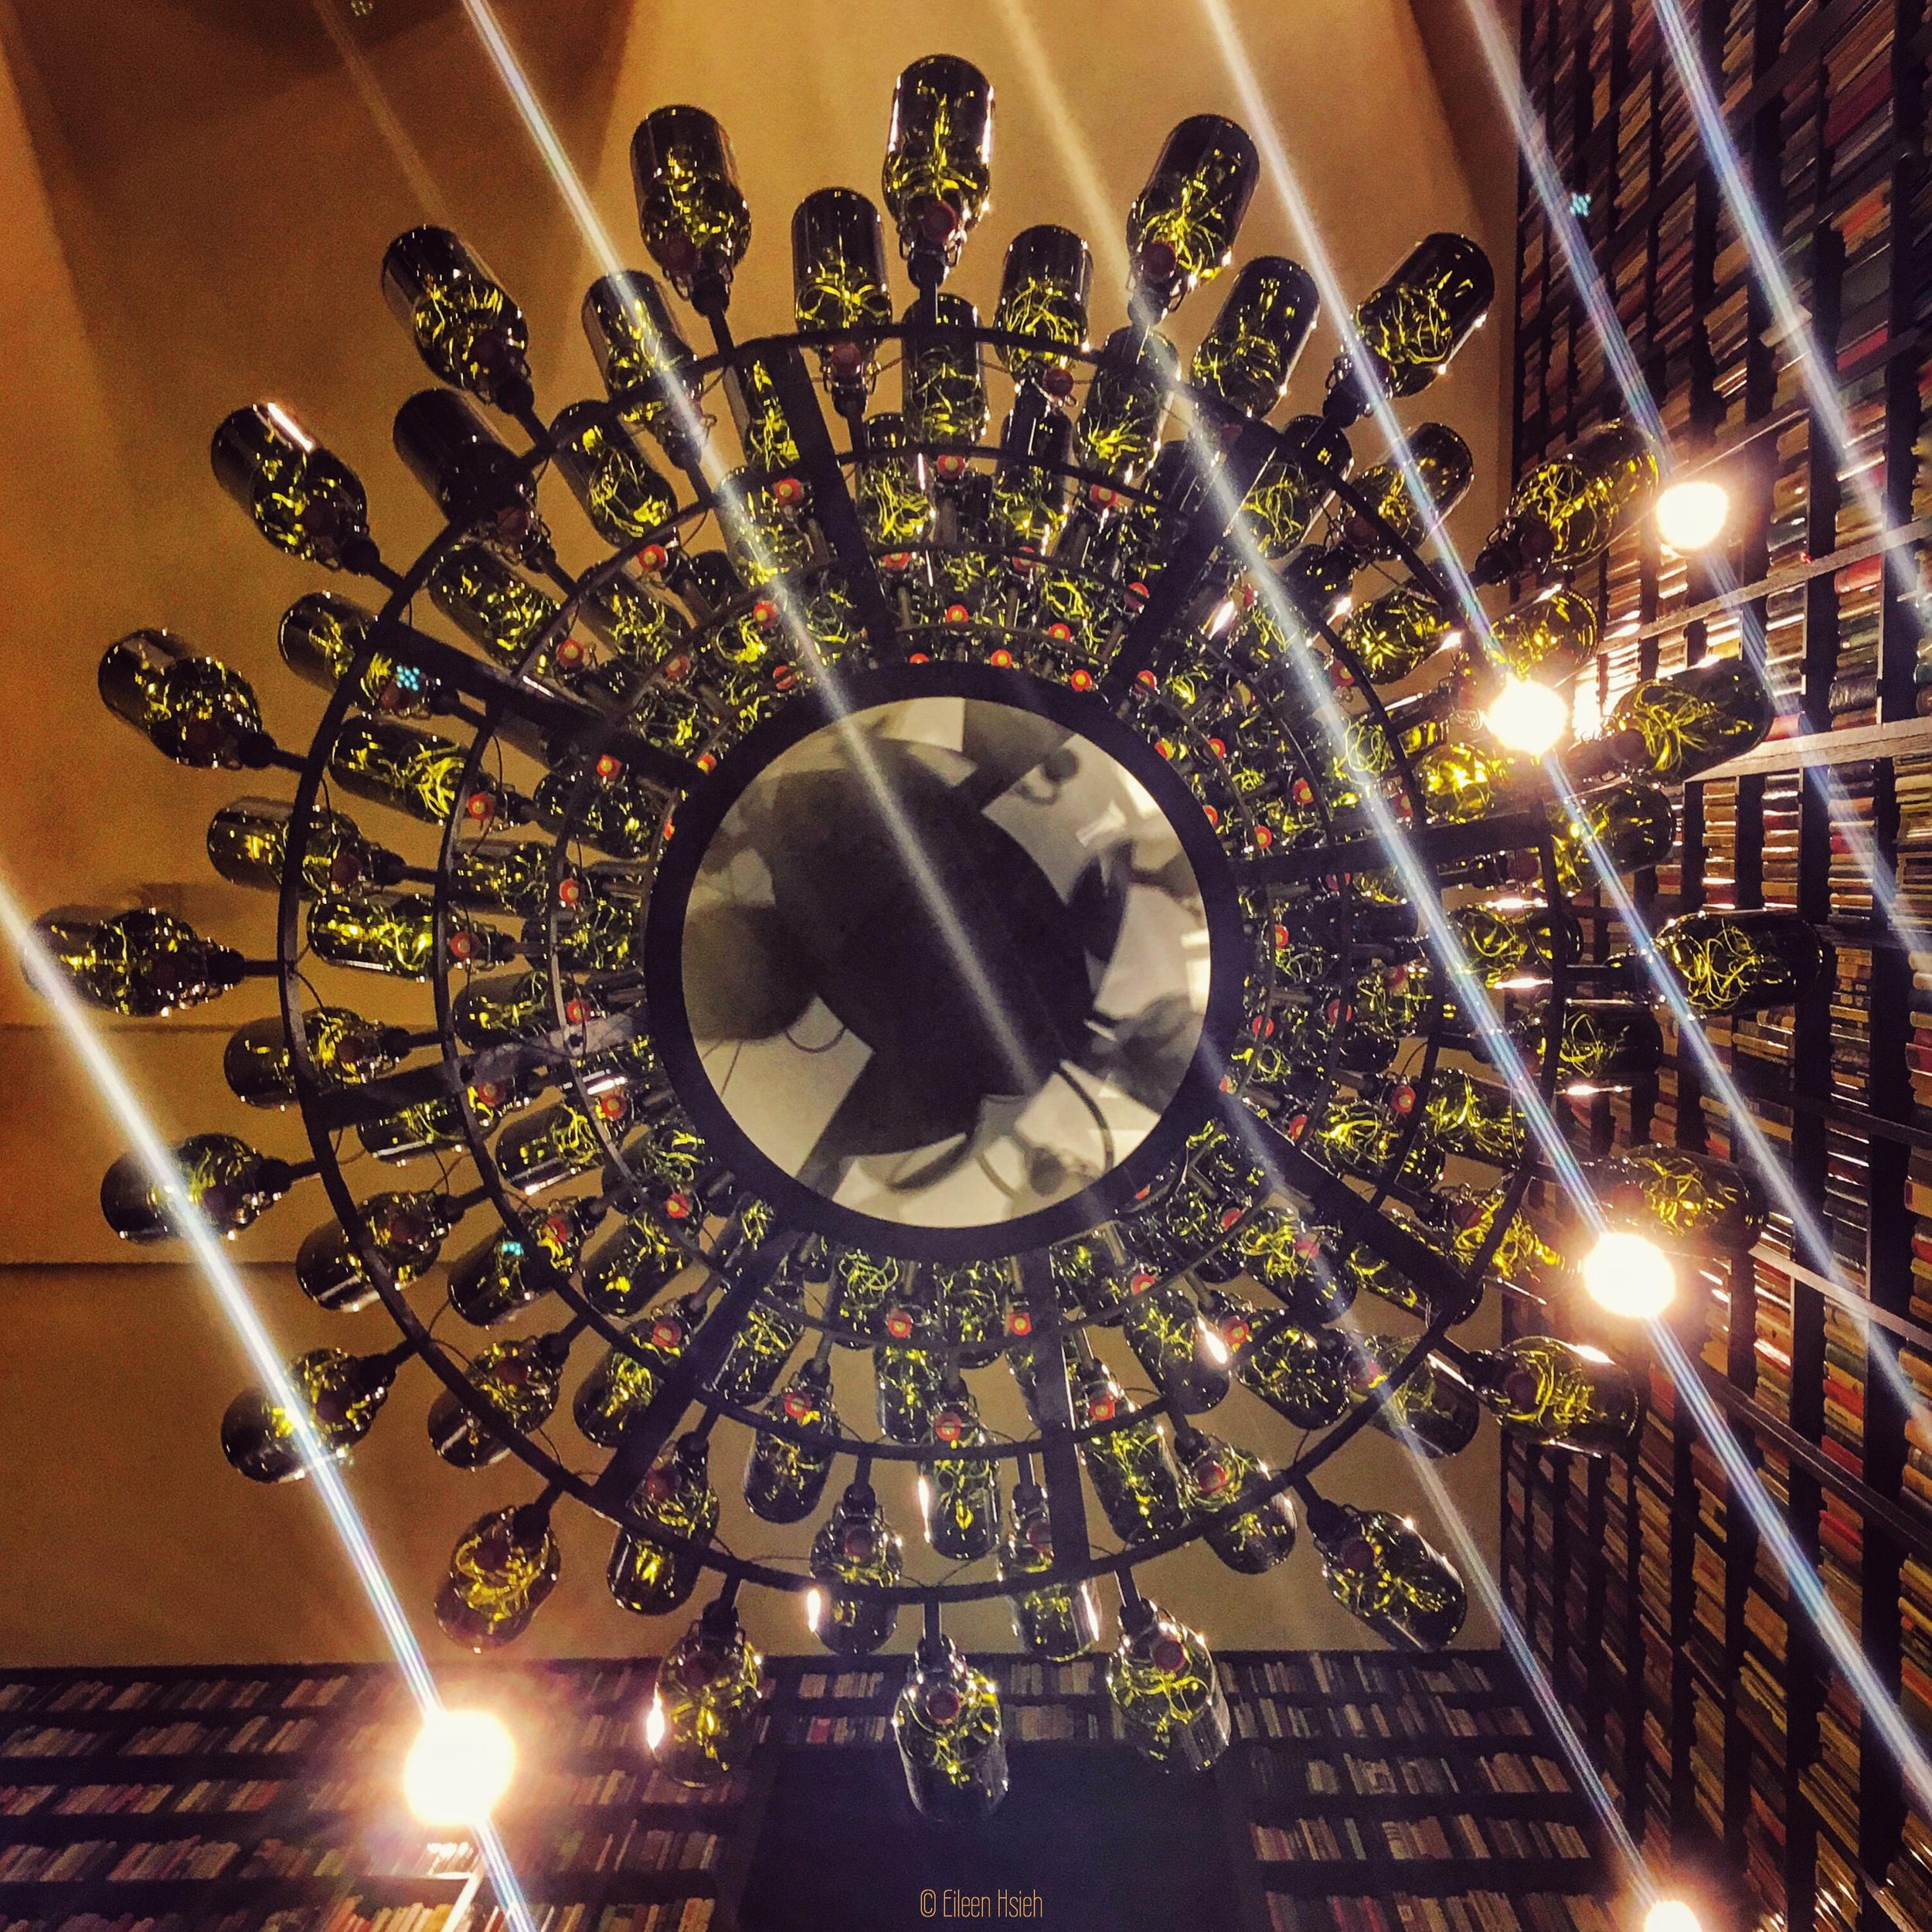 Look up, it's a beer bottle chandelier./© Eileen Hsieh